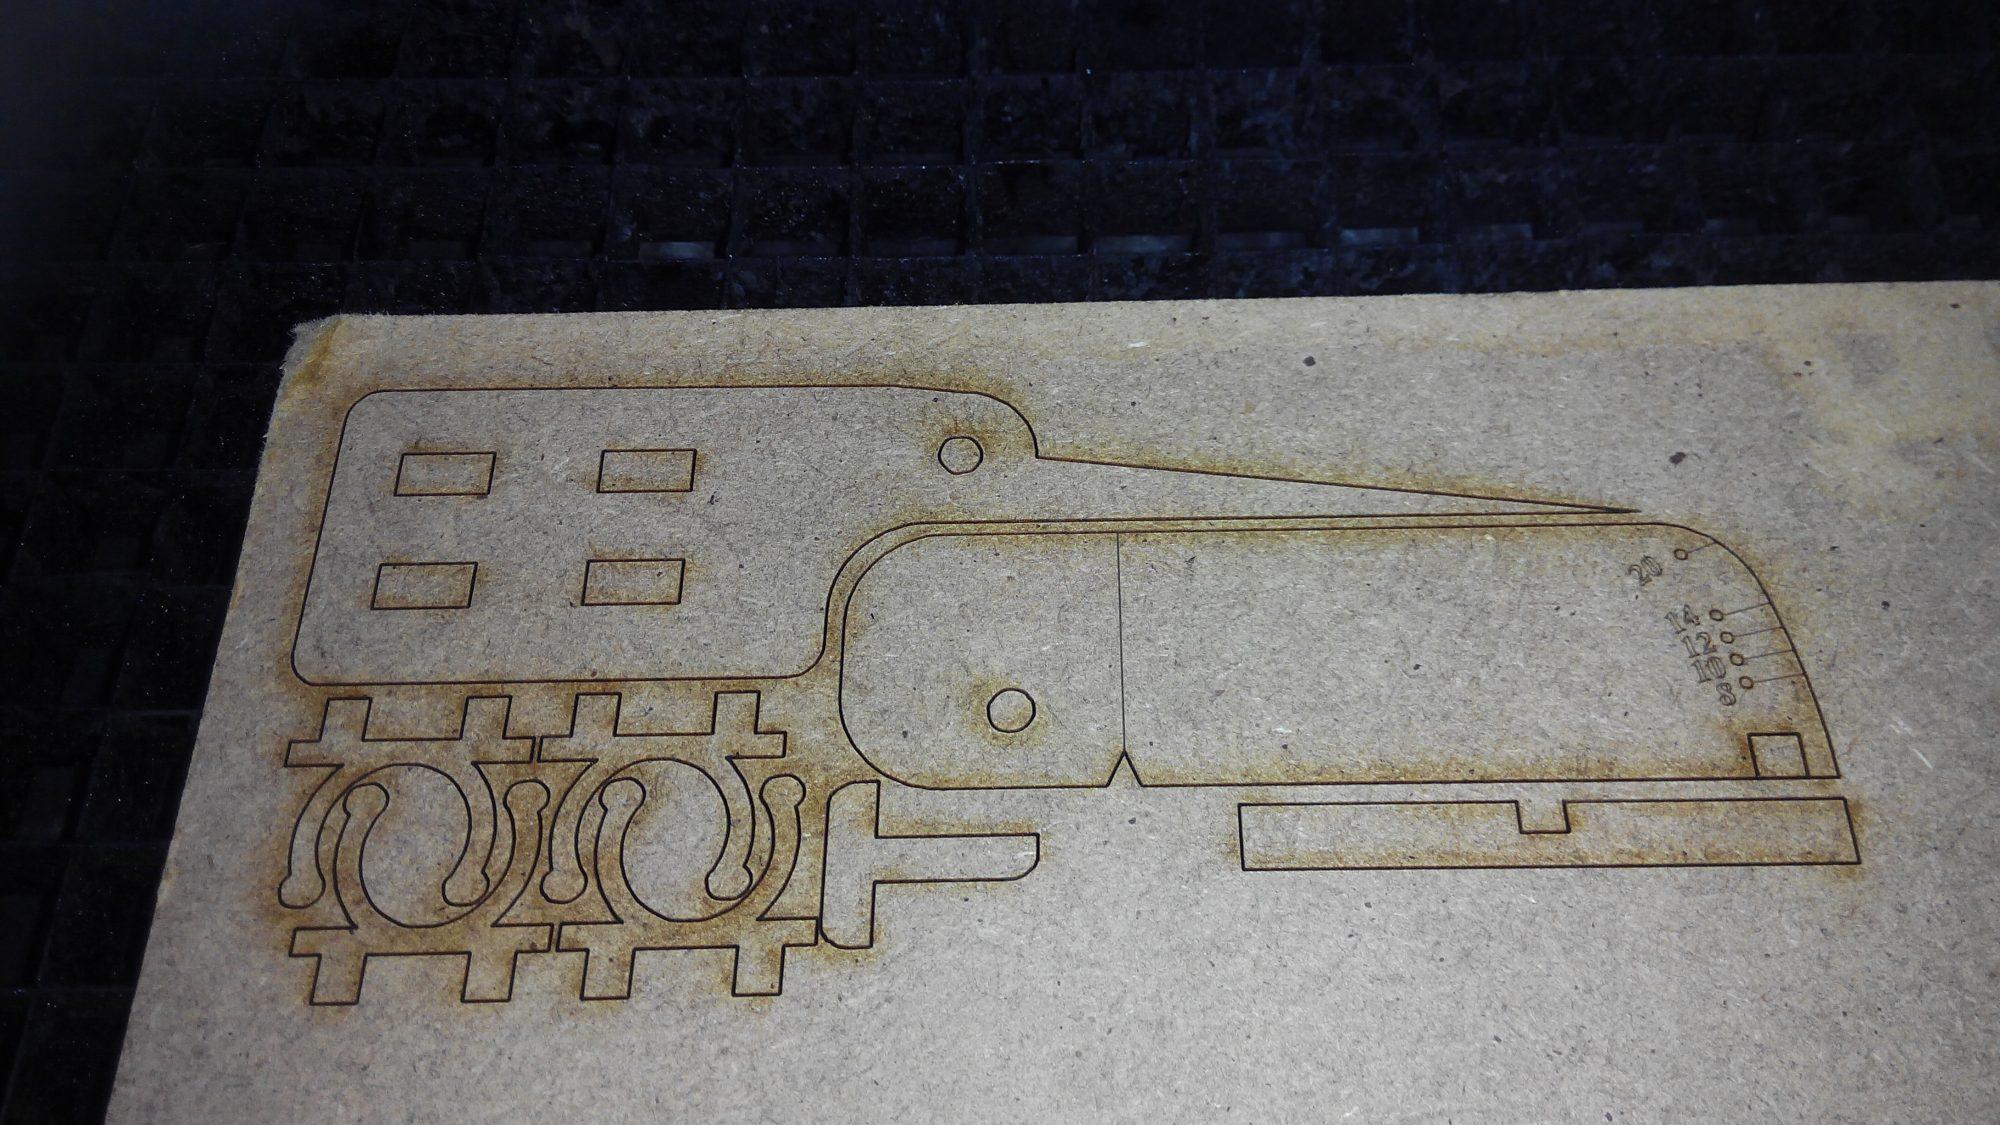 El Rámpómetro en la cortadora láser